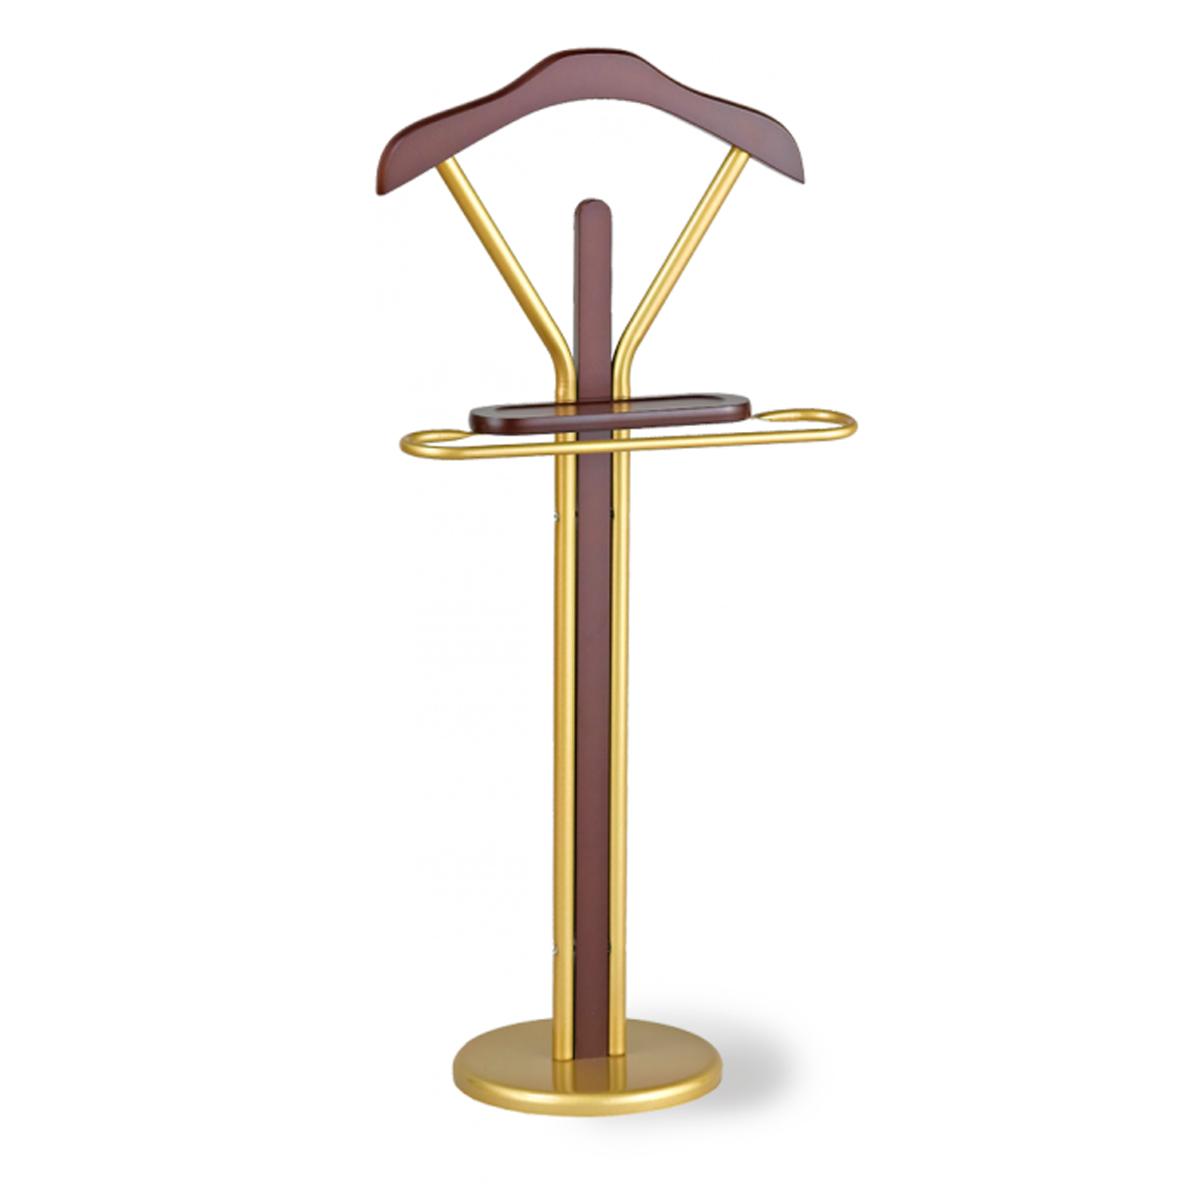 Вешалка напольная Sheffilton, цвет: золотистый, темный орех, 47 см х 28 см х 109 см